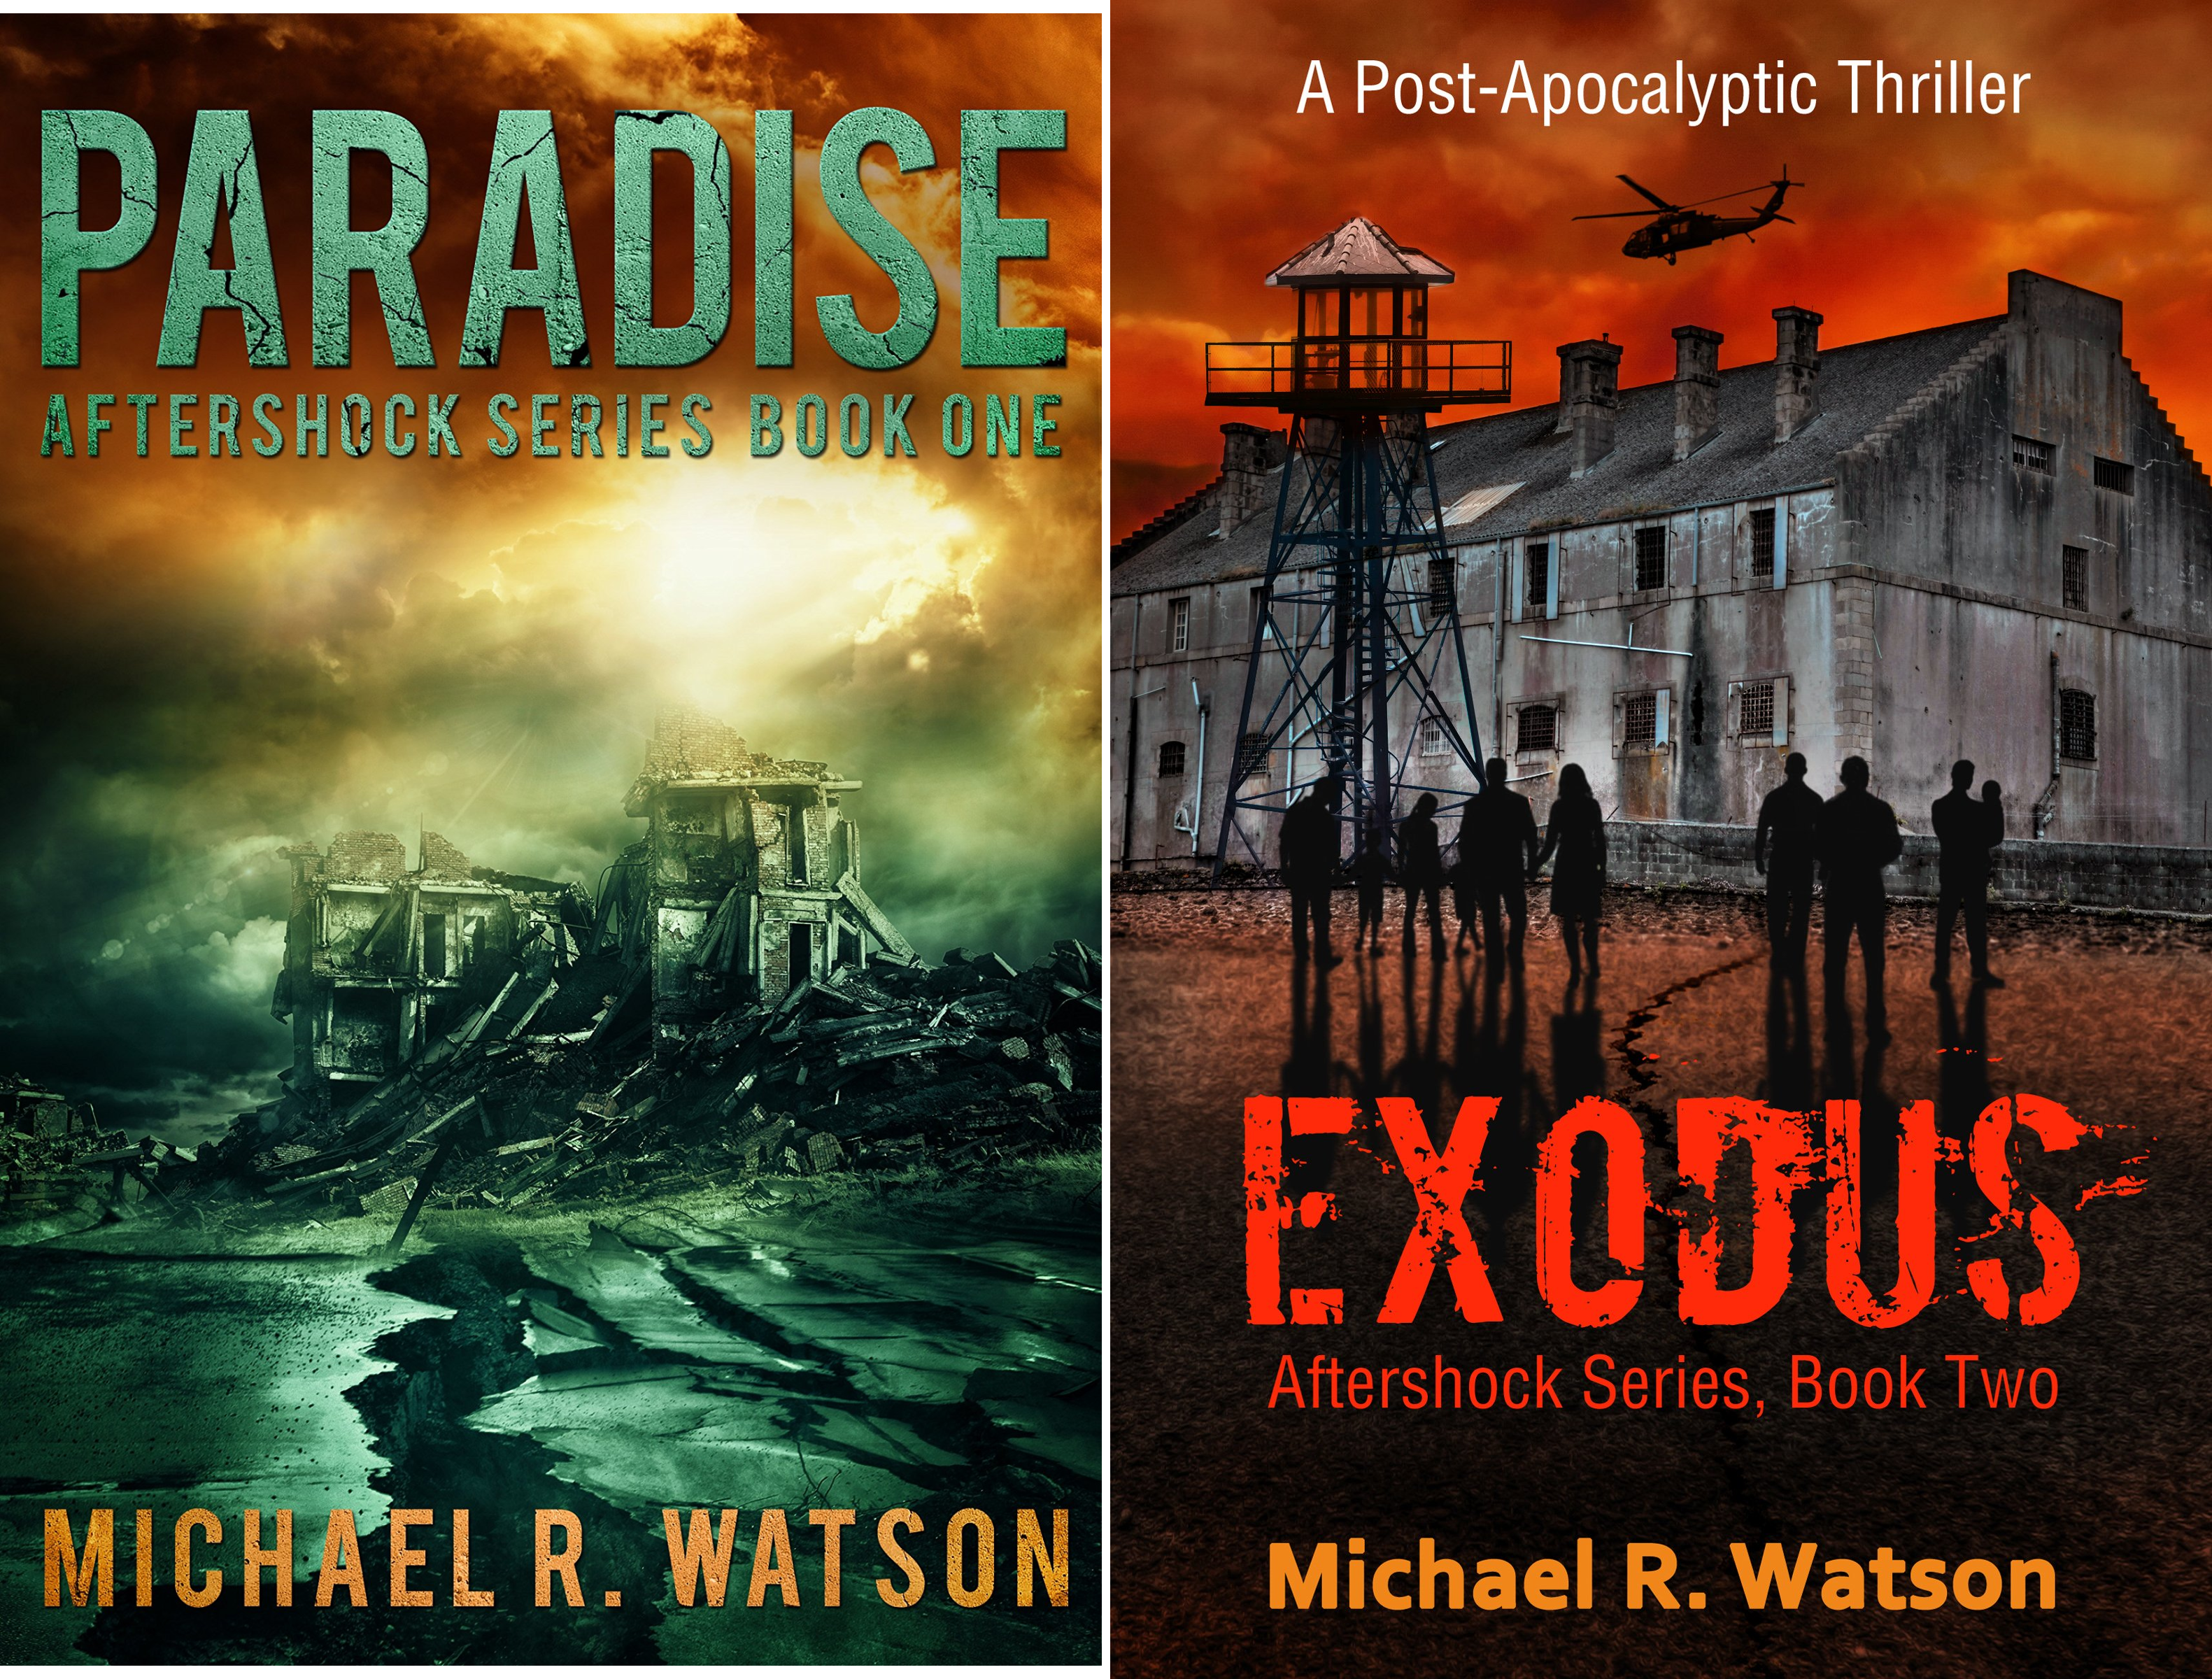 Aftershock Series (2 Book Series)